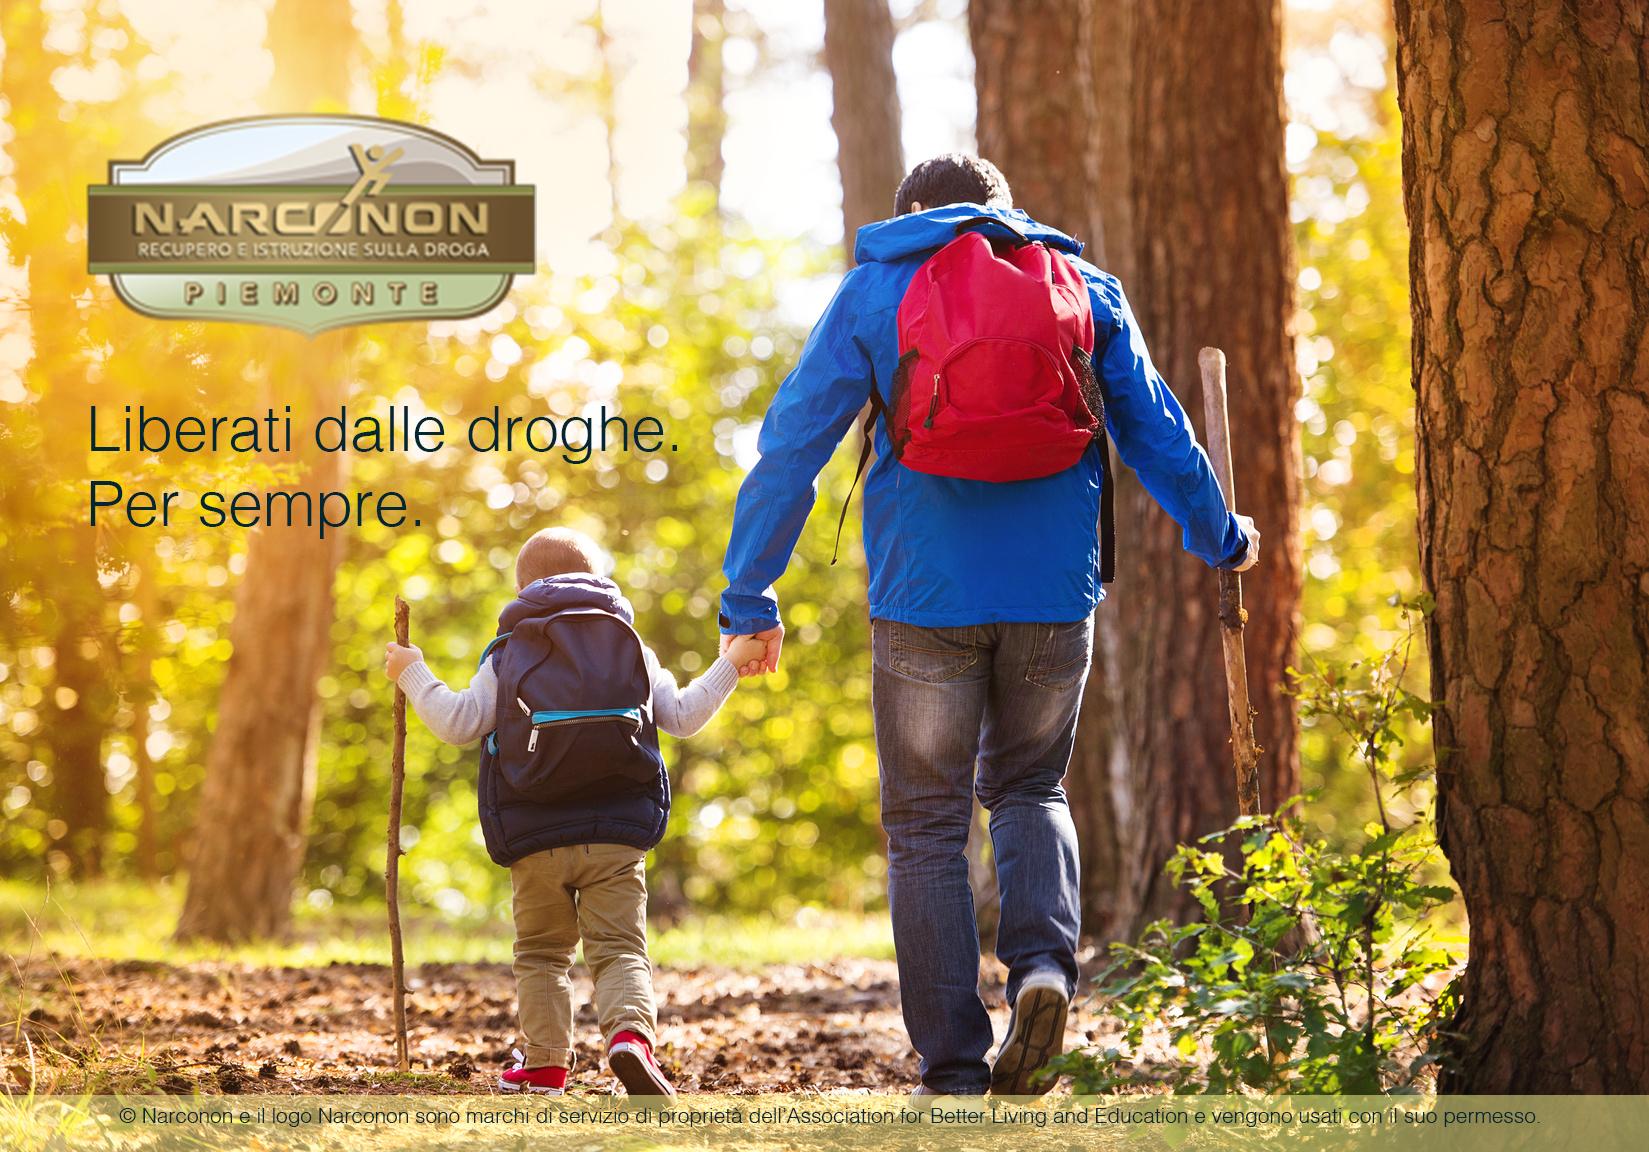 Centro Narconon Piemonte - liberati dalle droghe per sempre